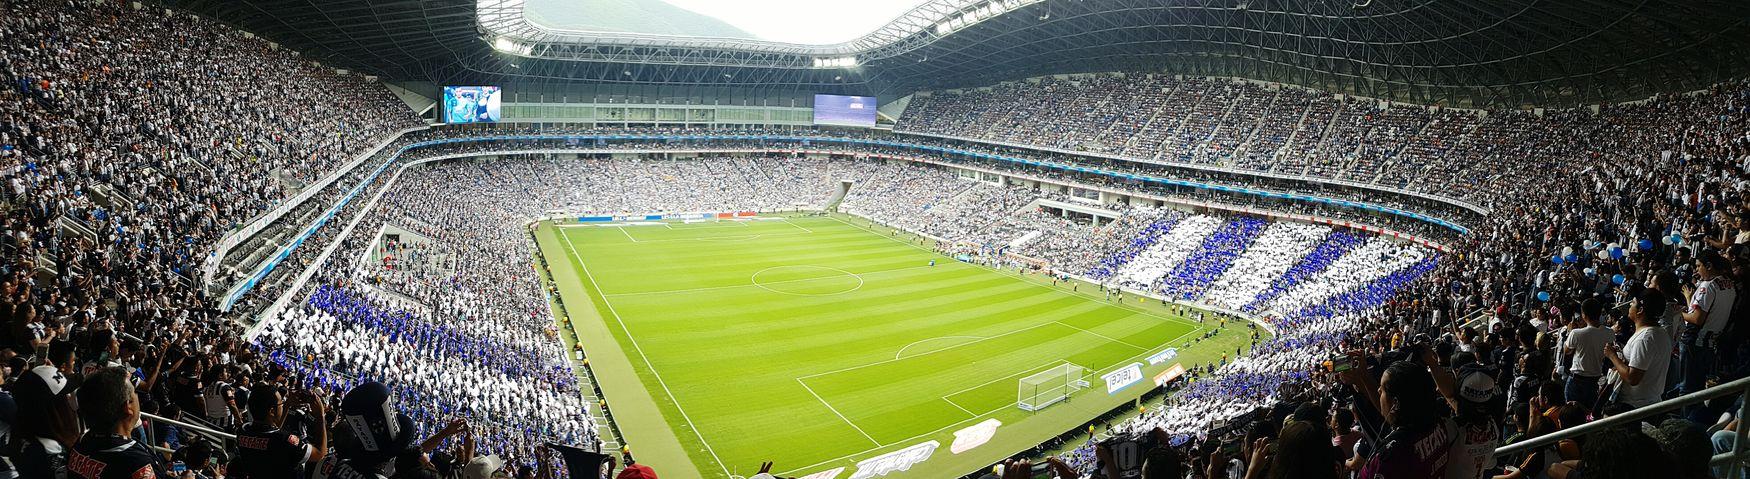 Soccer Monterrey Mexico